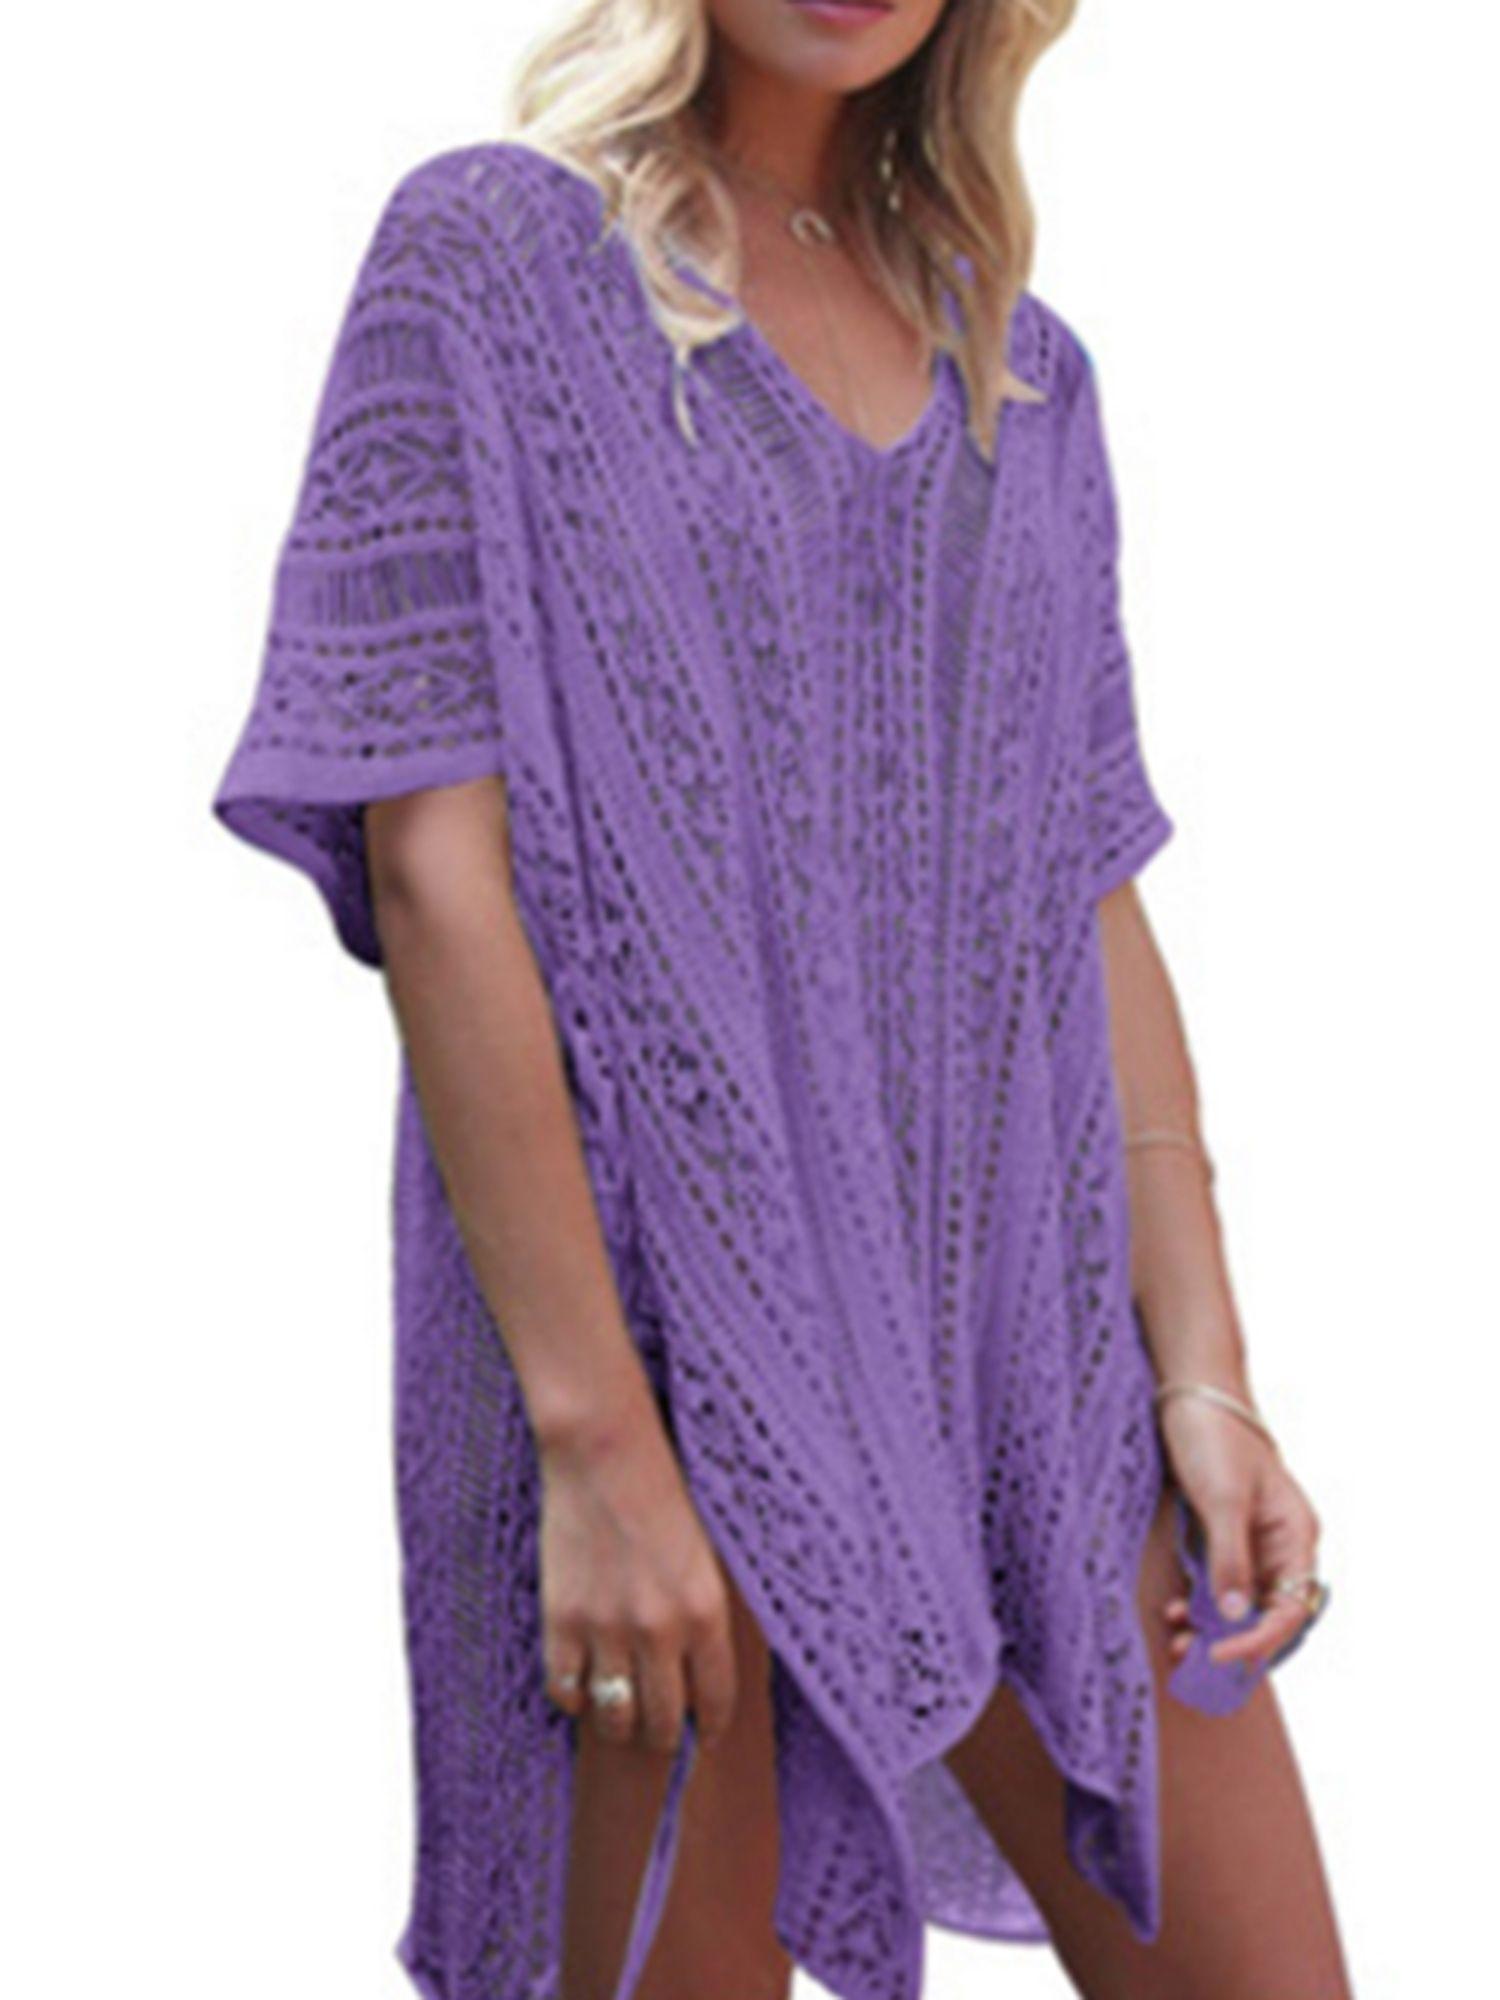 94edf4eb0f6f3 Womens Cover-ups Bohemian Knit Crochet Swim Bikini Tunic Beach Dress Tops  with Tassels Summer